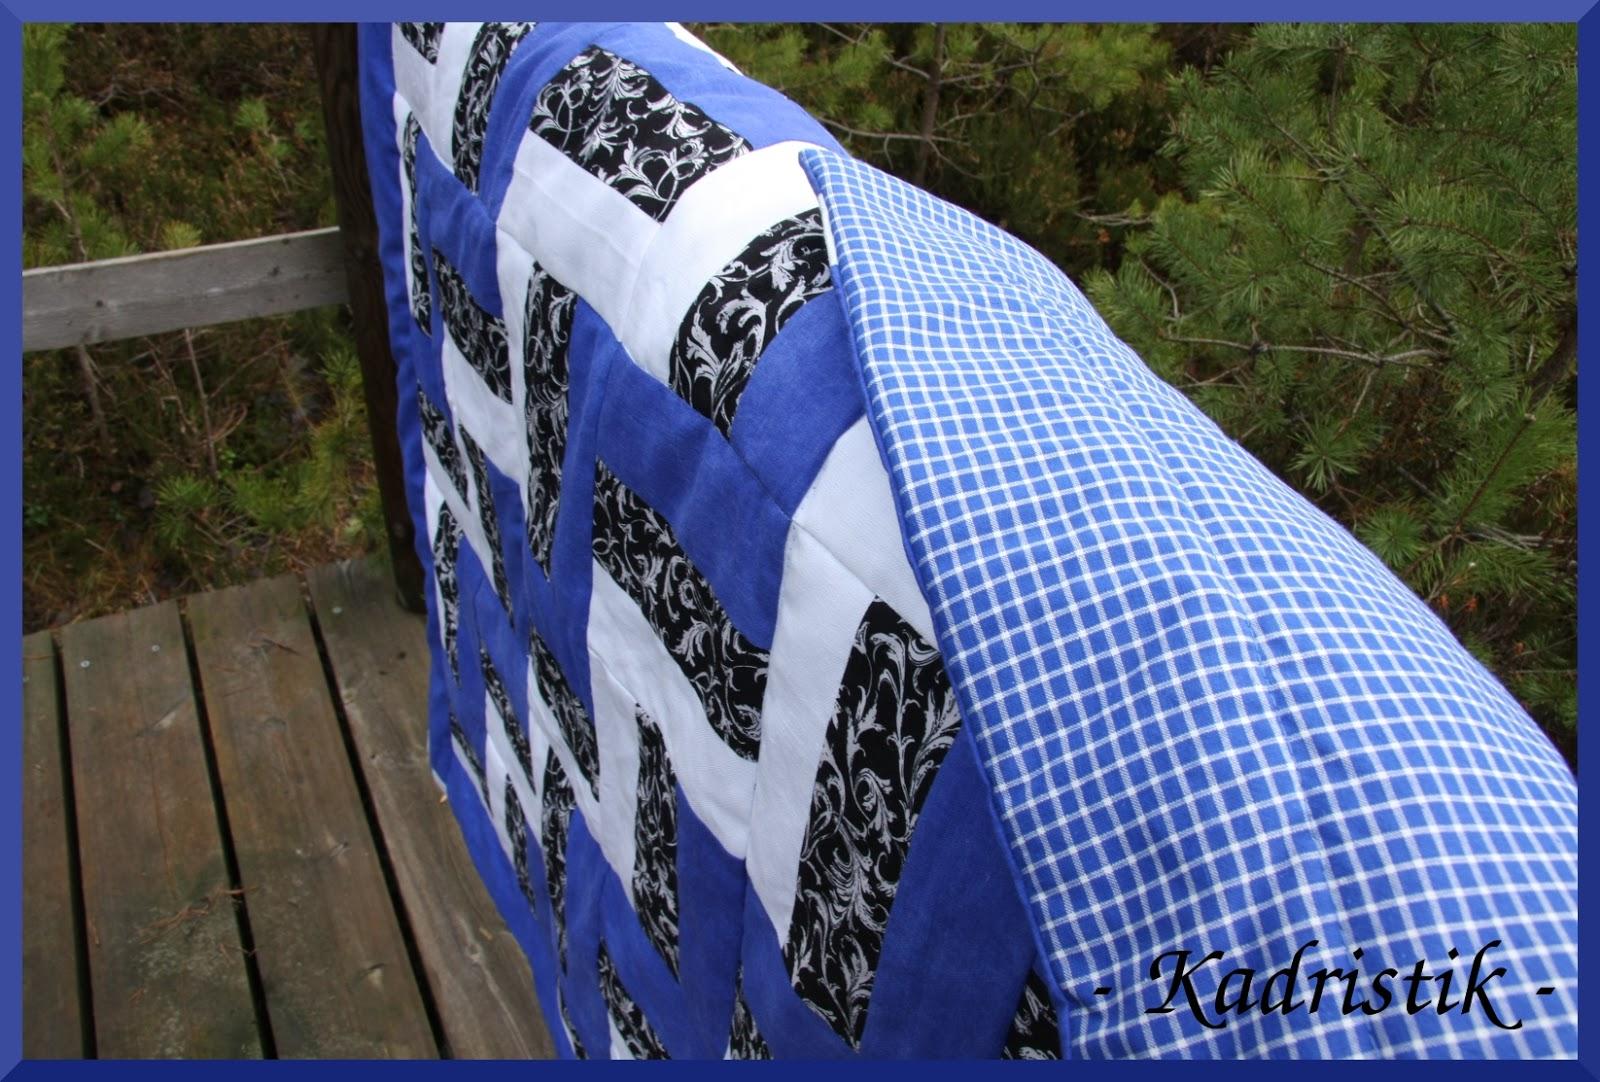 90685245d71 Kangasteks uus lilledega must, sinine on kasutatud küljekardinad ja valge  uus (kuid juba eakas) paksem kangas. Selline taaskasutus-uuskasutusprojekt.